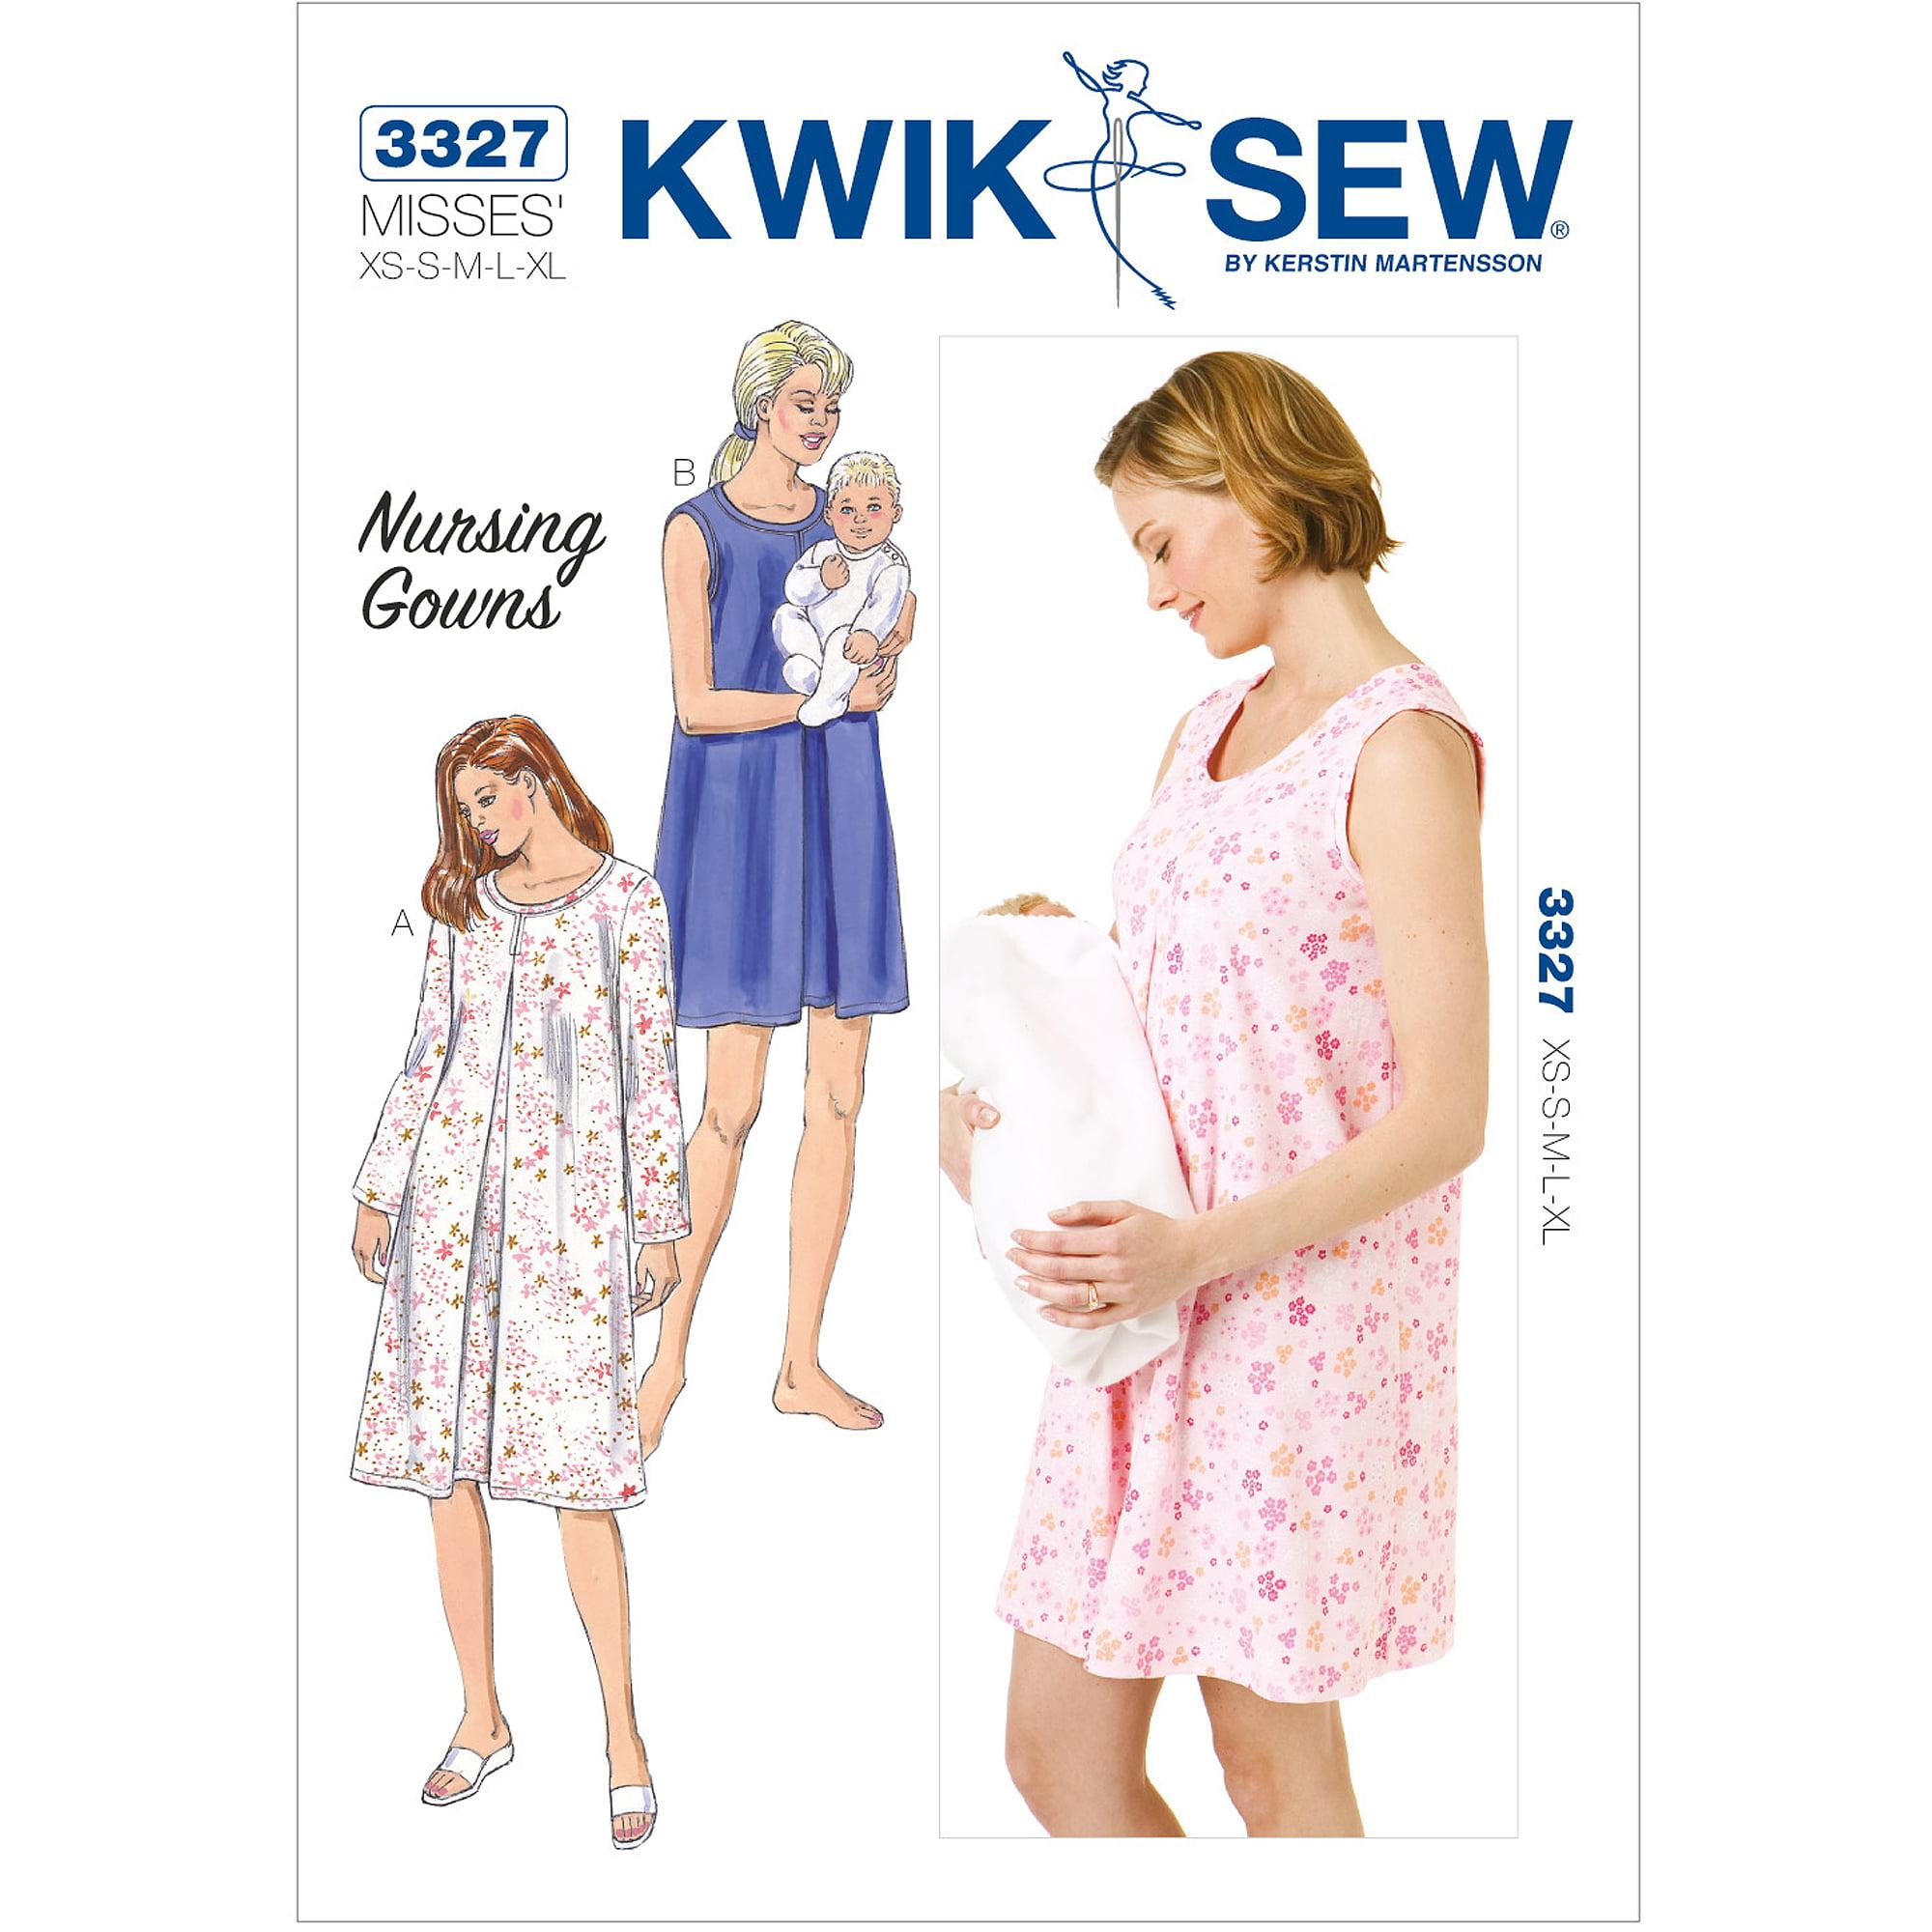 Kwik Sew Maternity Nursing Gowns-xs-s-m- - Walmart.com